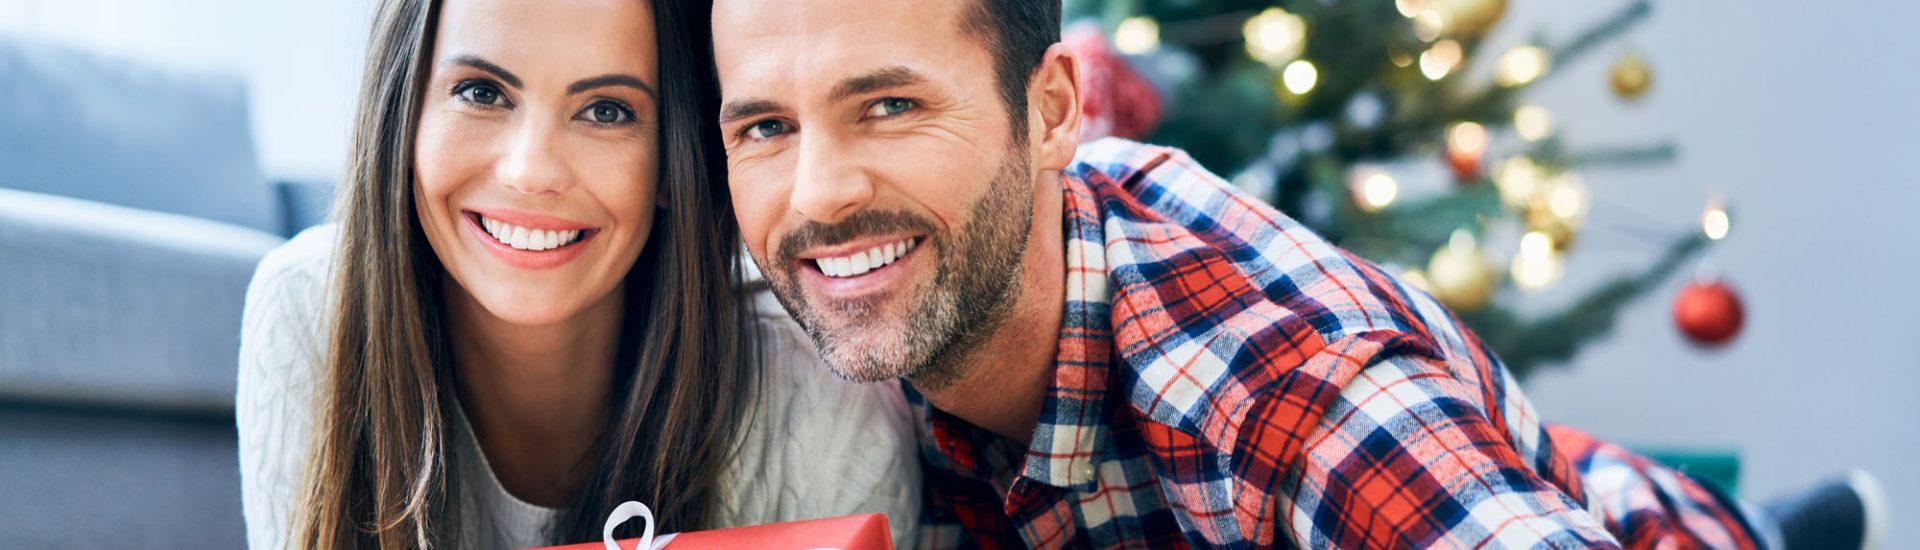 Weihnachtsgeschenke für Paare - Top 10 Inspirationen